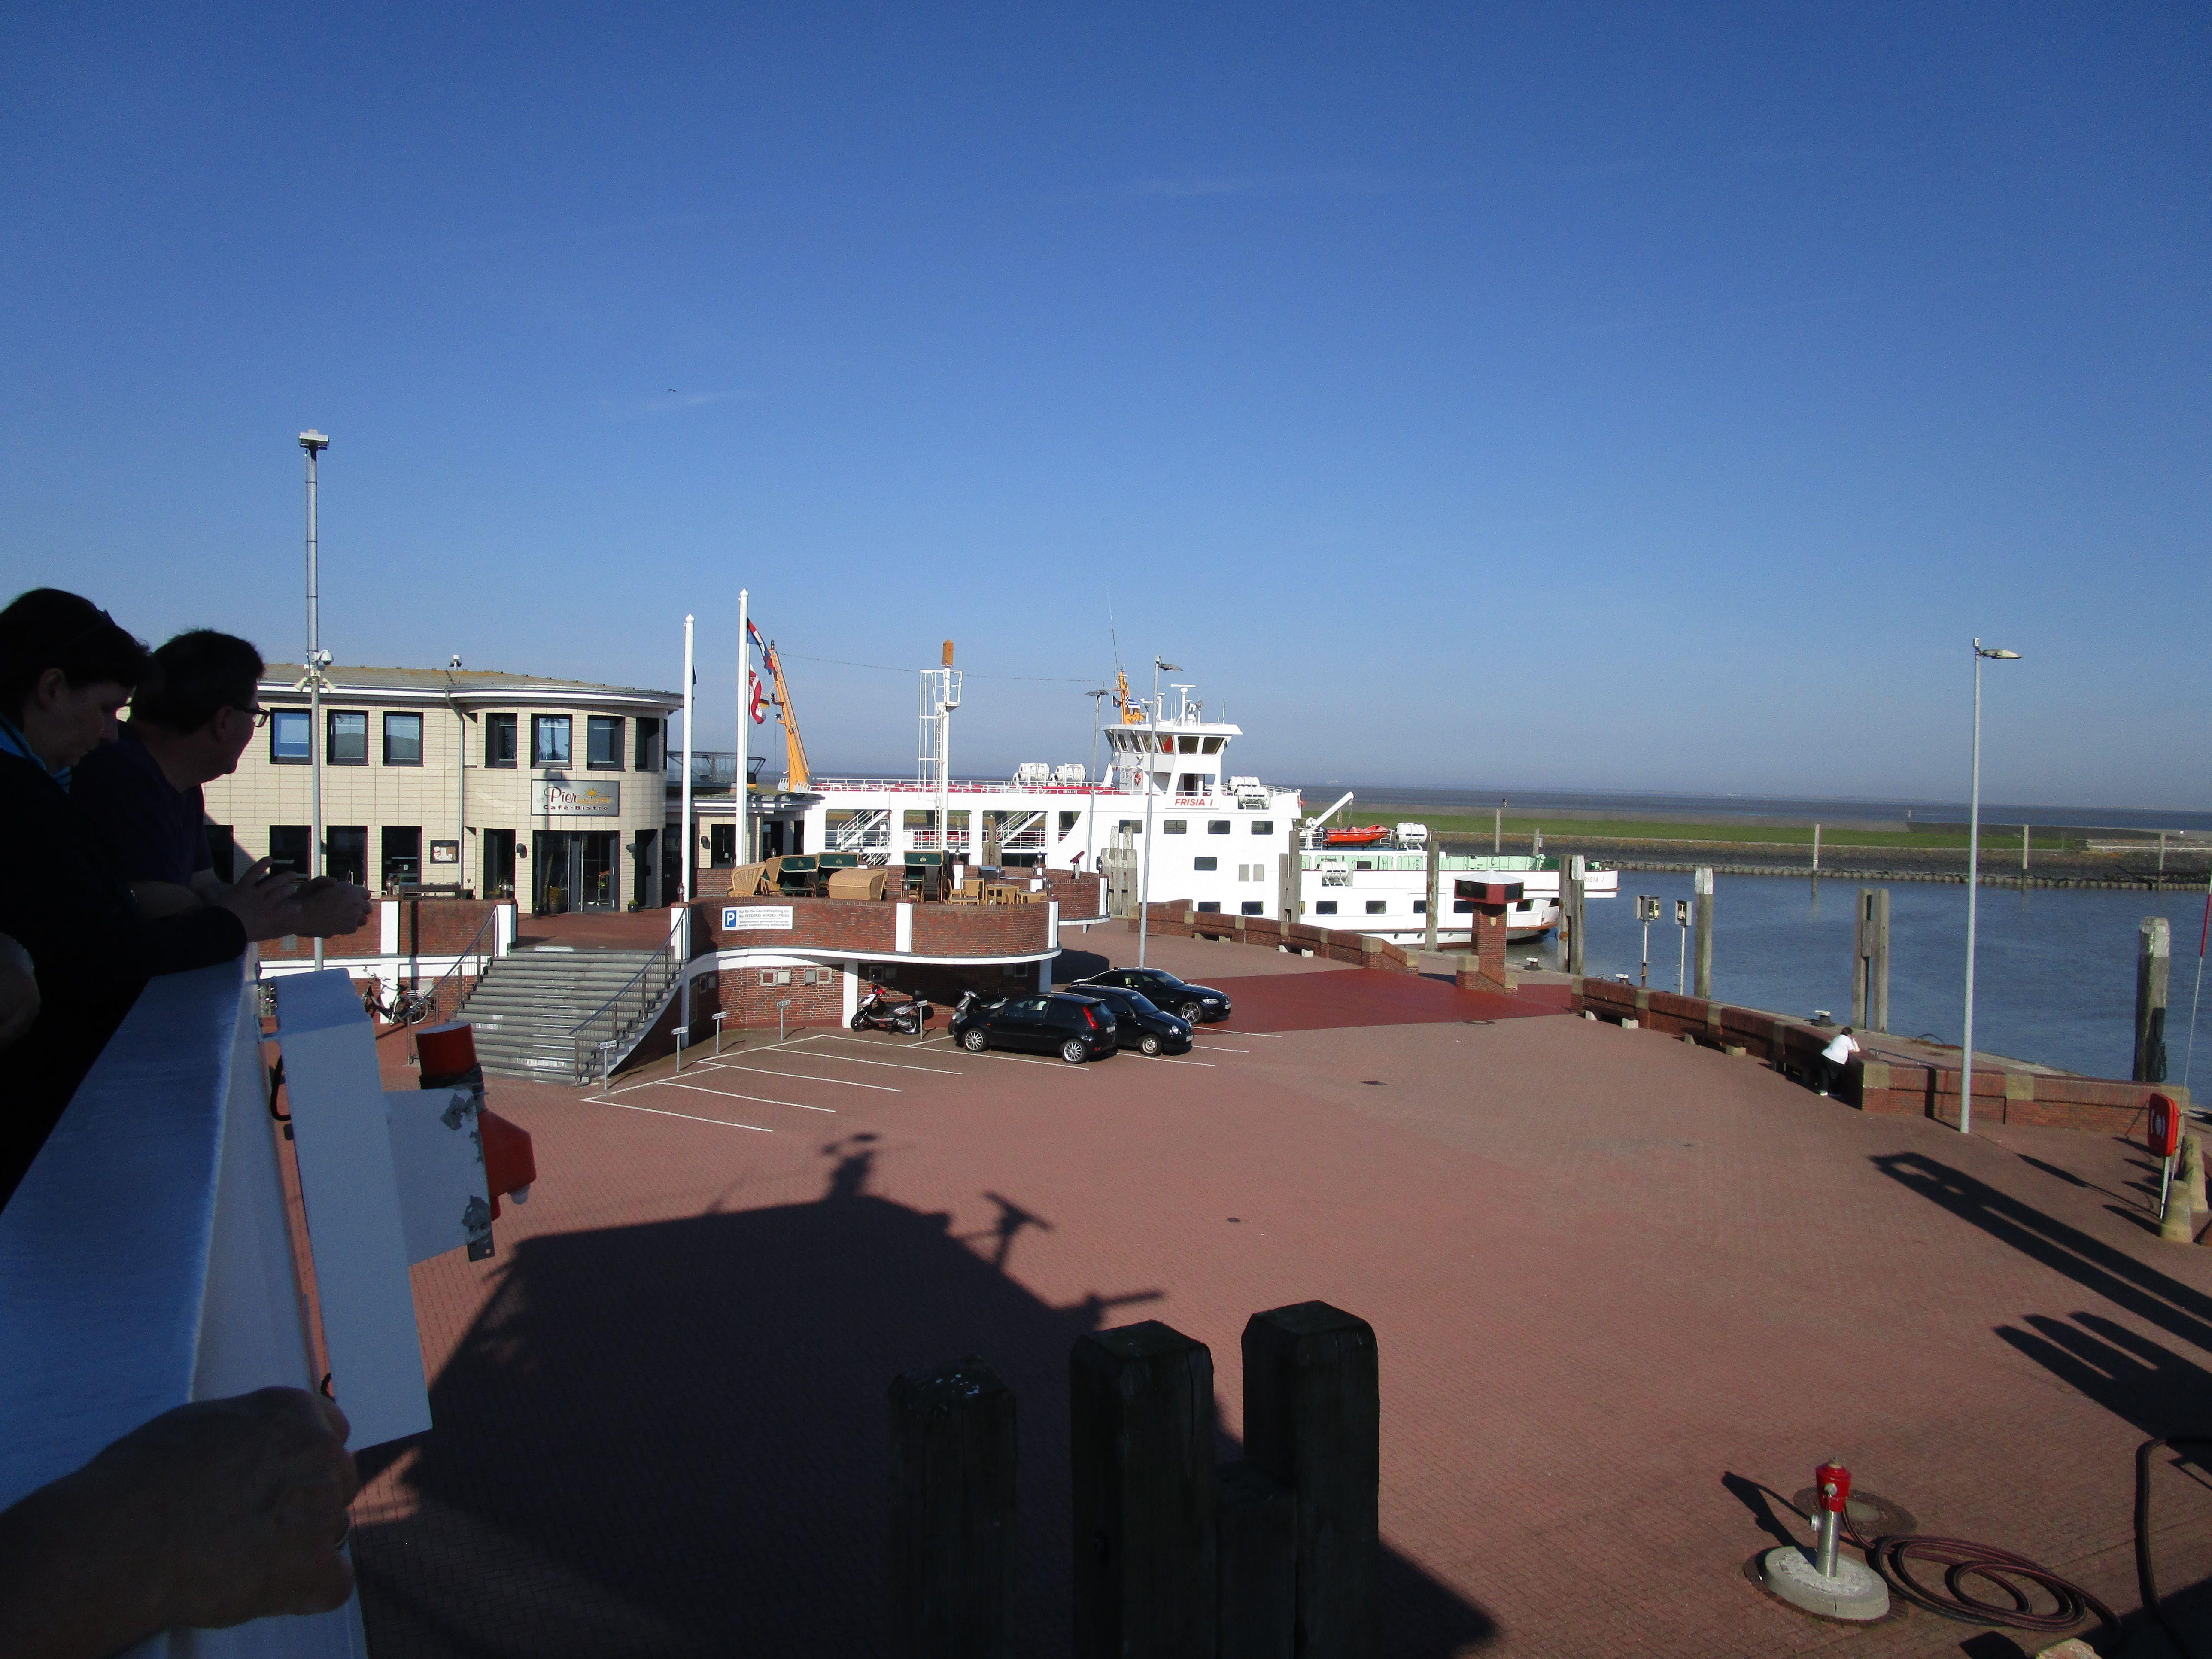 Am Fahranleger Von Norddeich Von Hier Aus Starten Die Fahren Zu Den Inseln Juist Und Norderney Norderney Reiseideen Ostfriesland